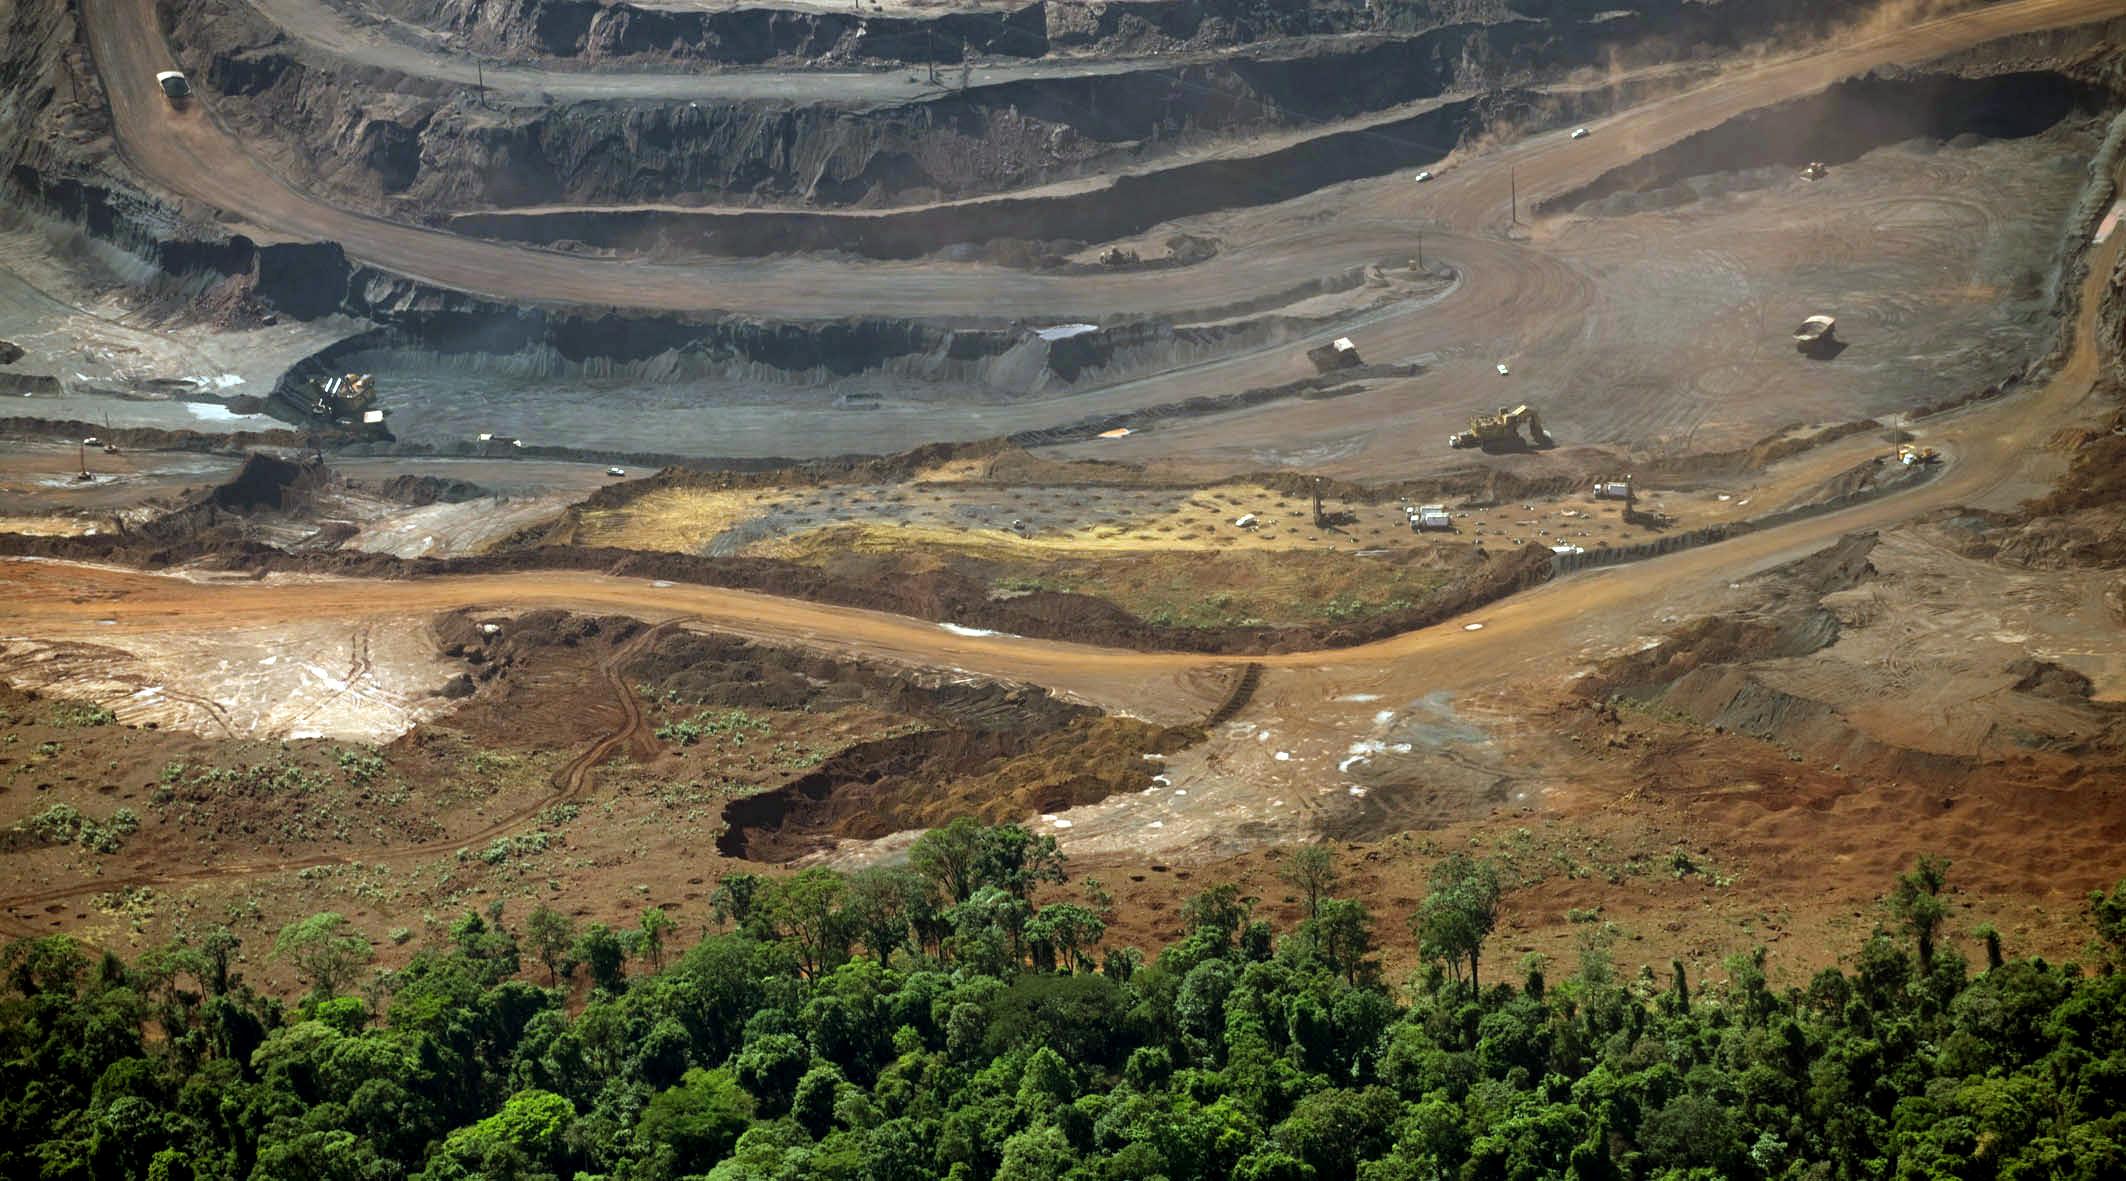 Amazônia: a falácia da soberania no país das commodities